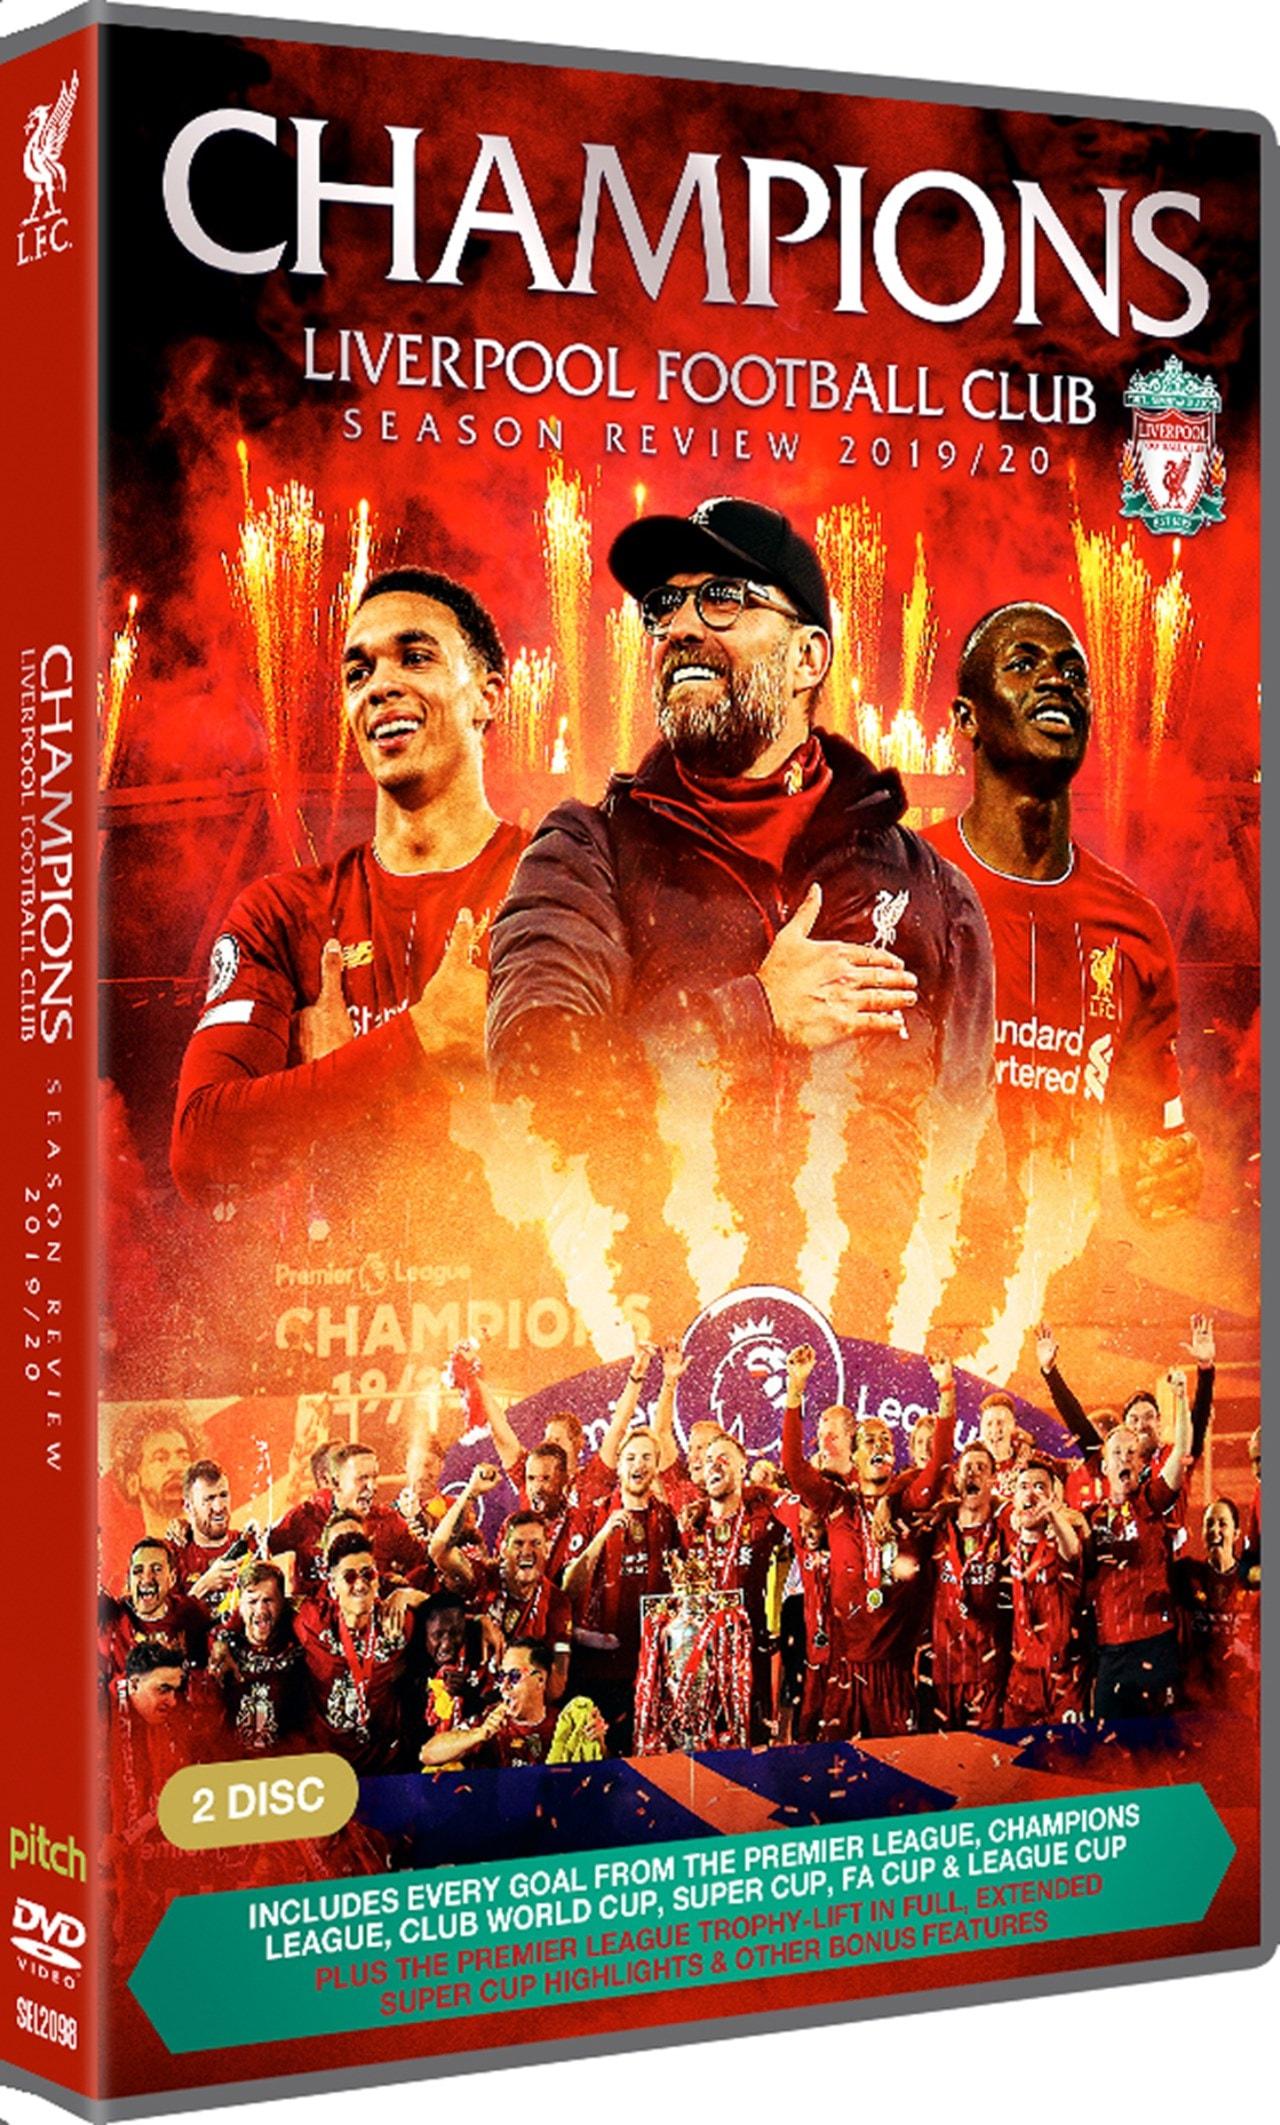 Champions: Liverpool Football Club Season Review 2019-20 - 2